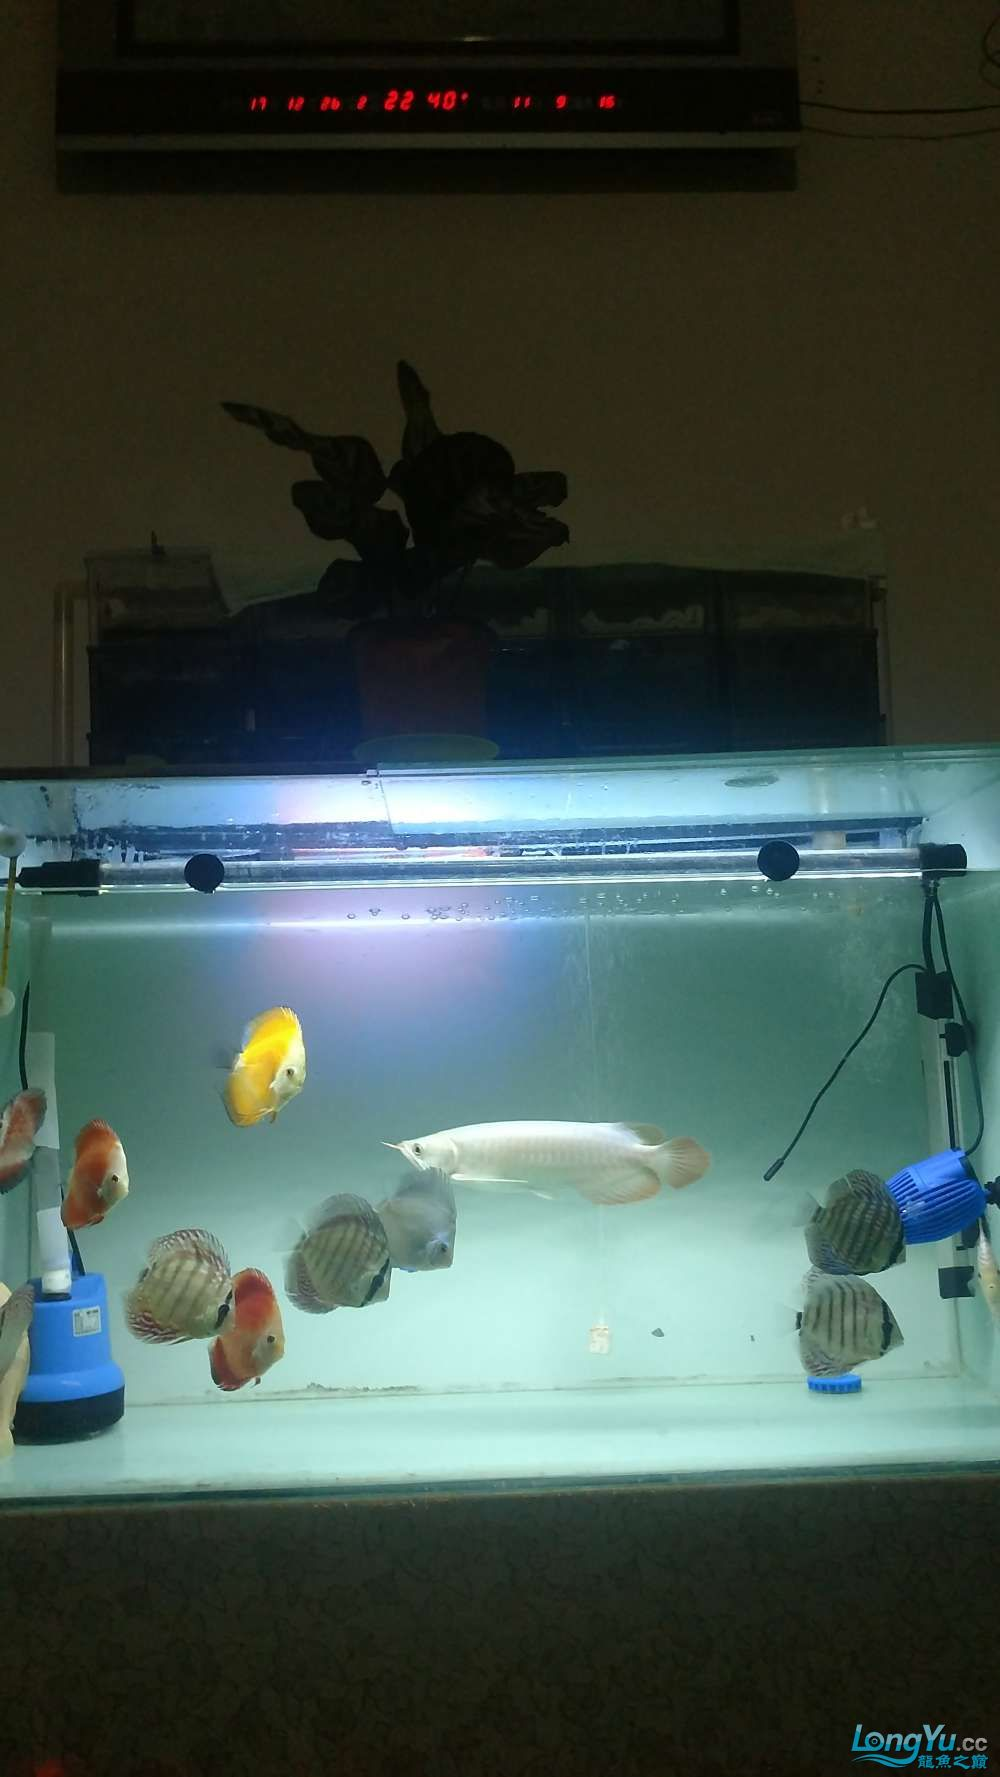 十川滤材试用报告 西安龙鱼论坛 西安博特第9张